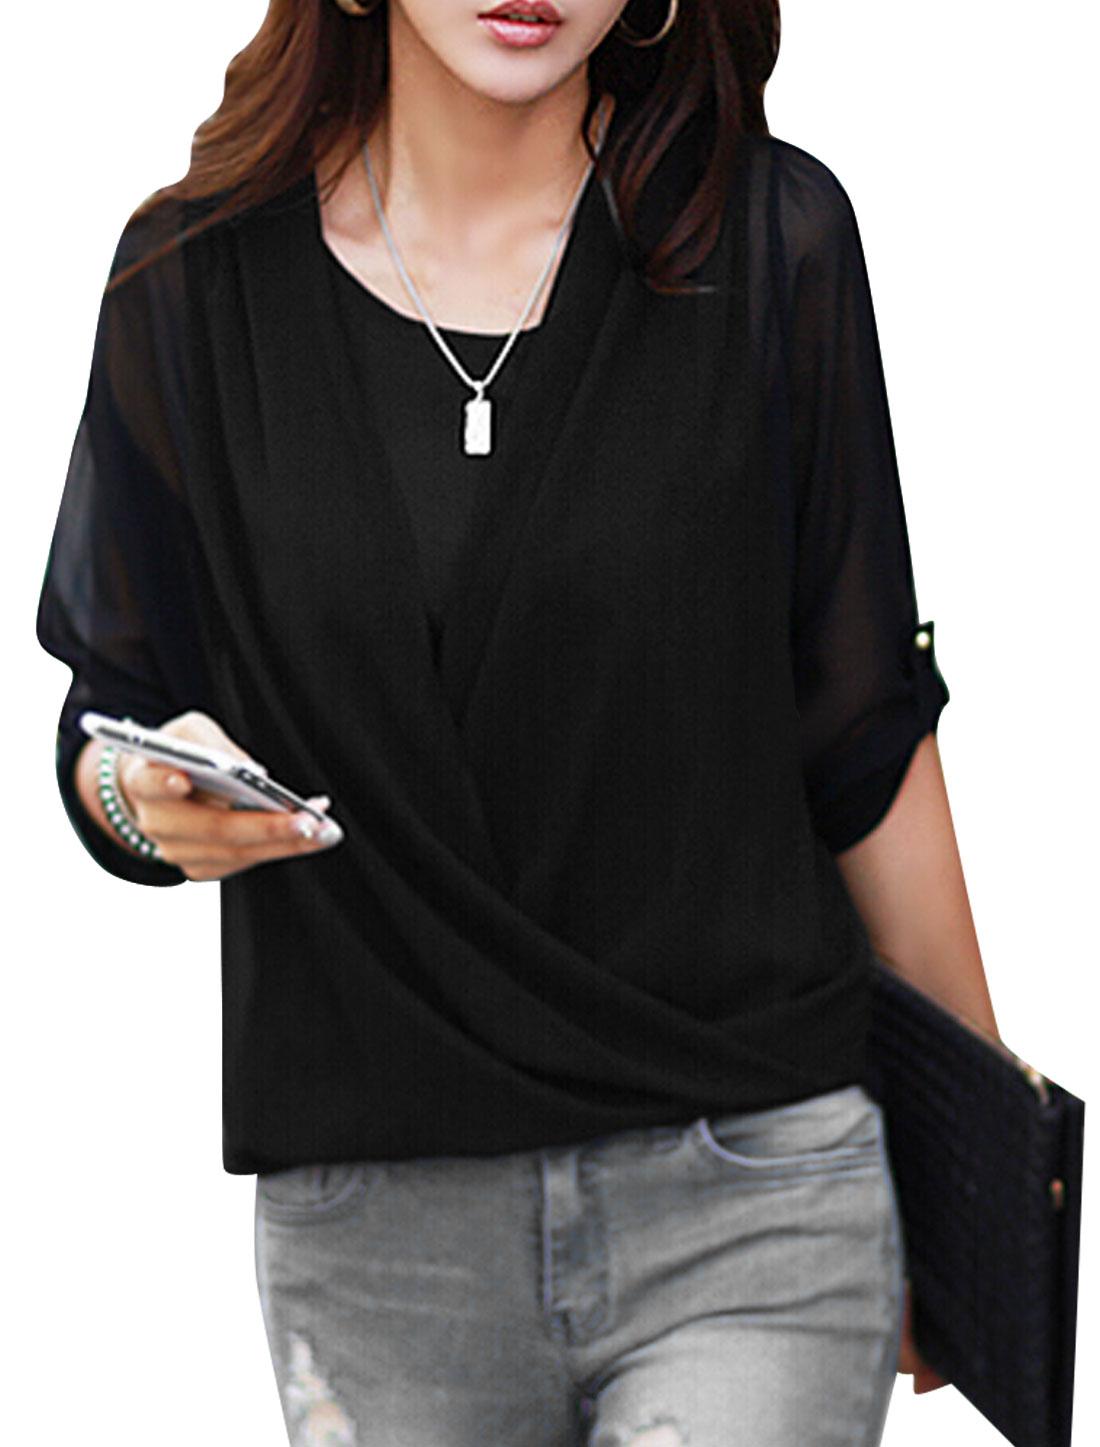 Lady Drapped Front Design Chiffon Blouse w U Neck Tank Top Black S